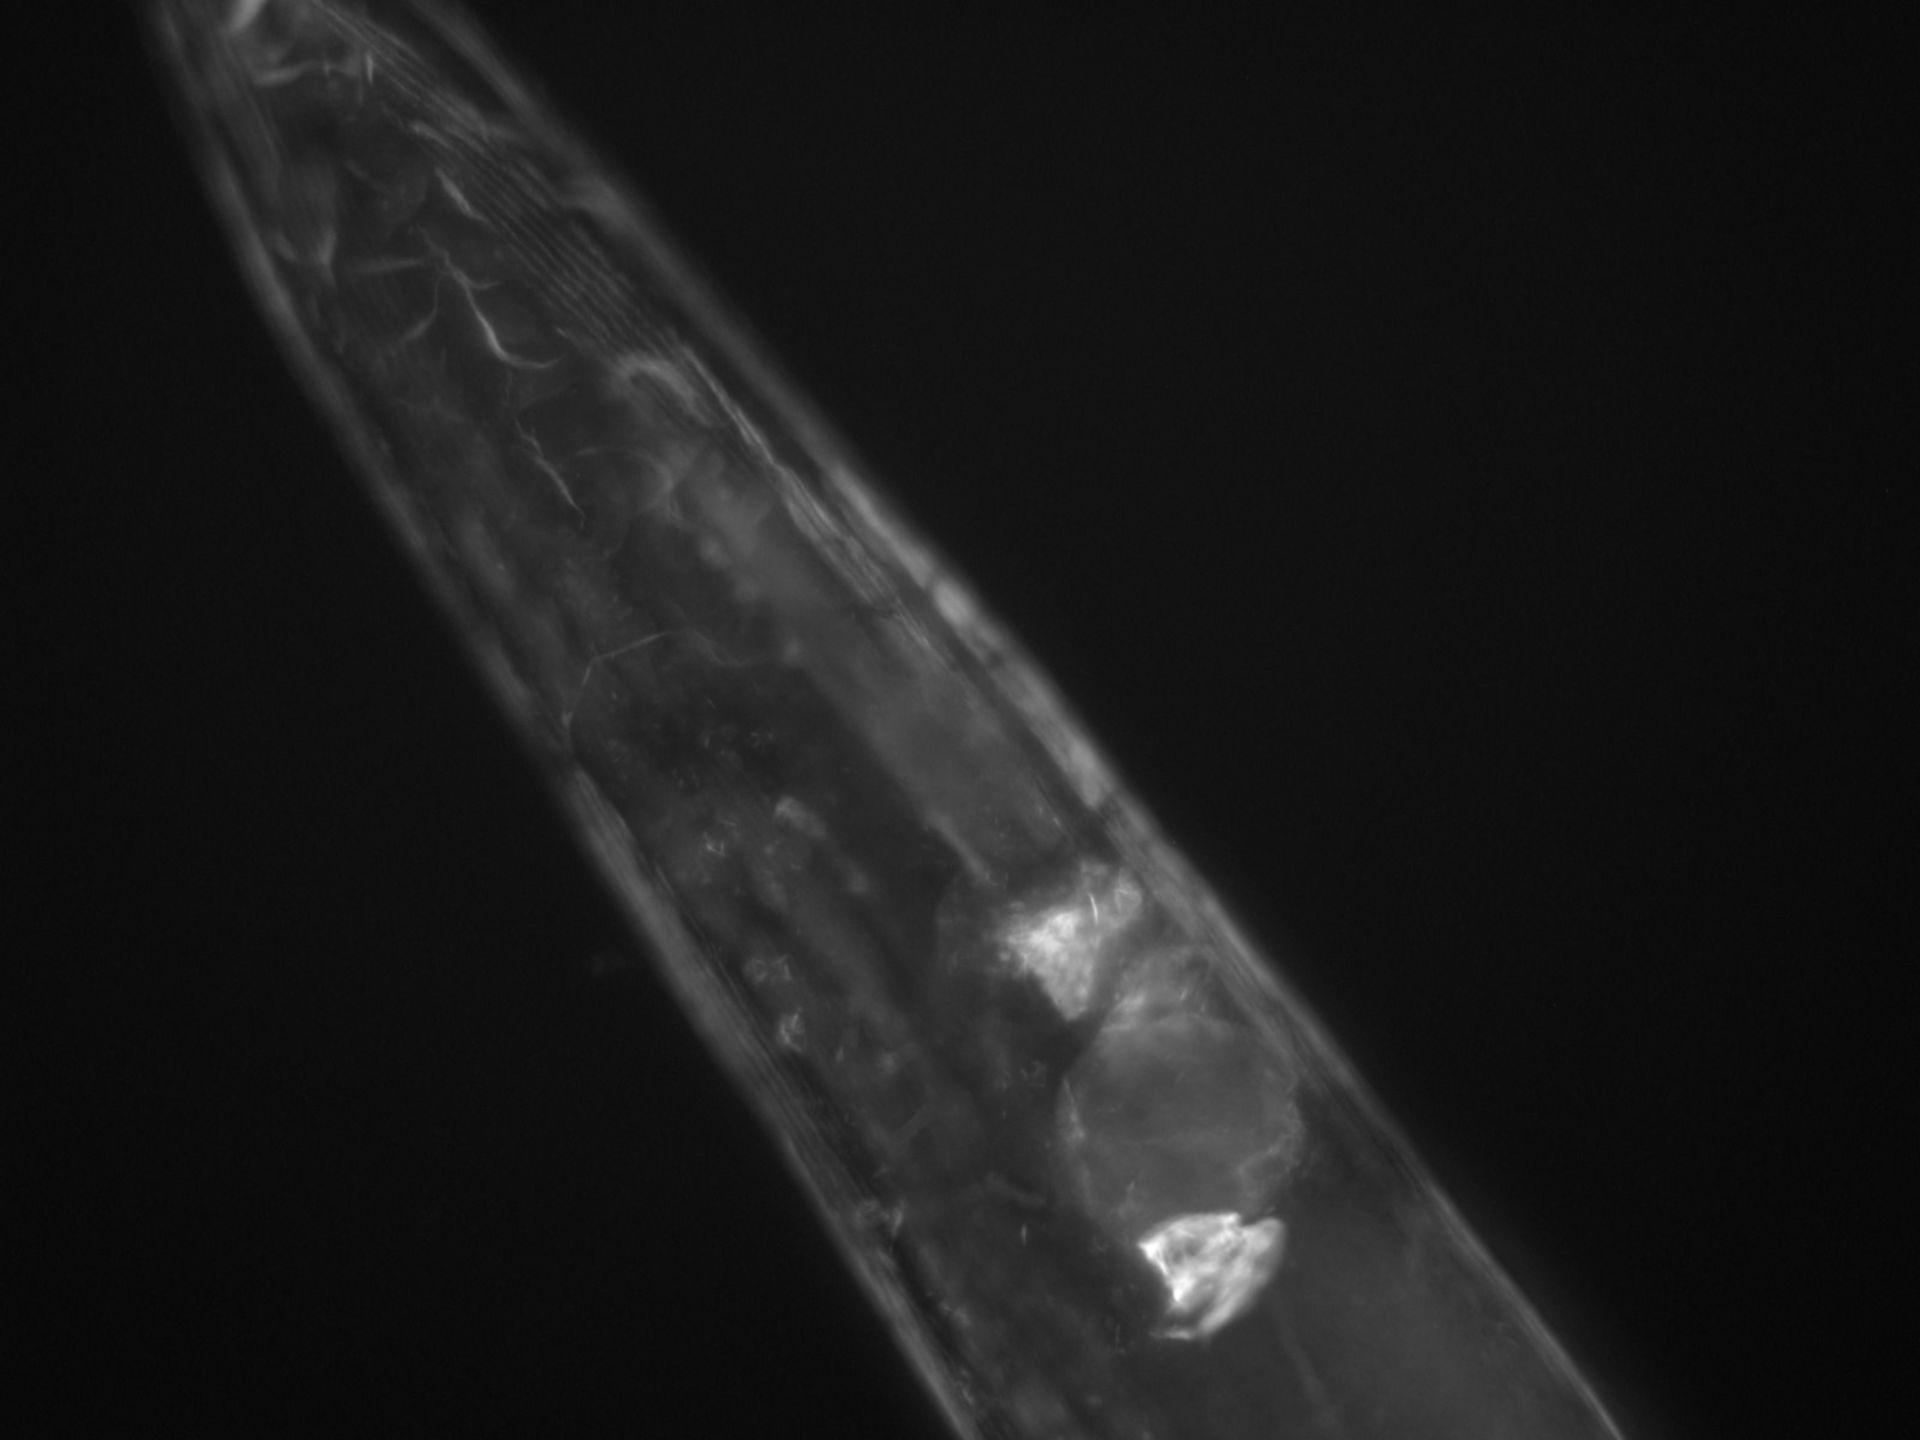 Caenorhabditis elegans (Actin filament) - CIL:1270